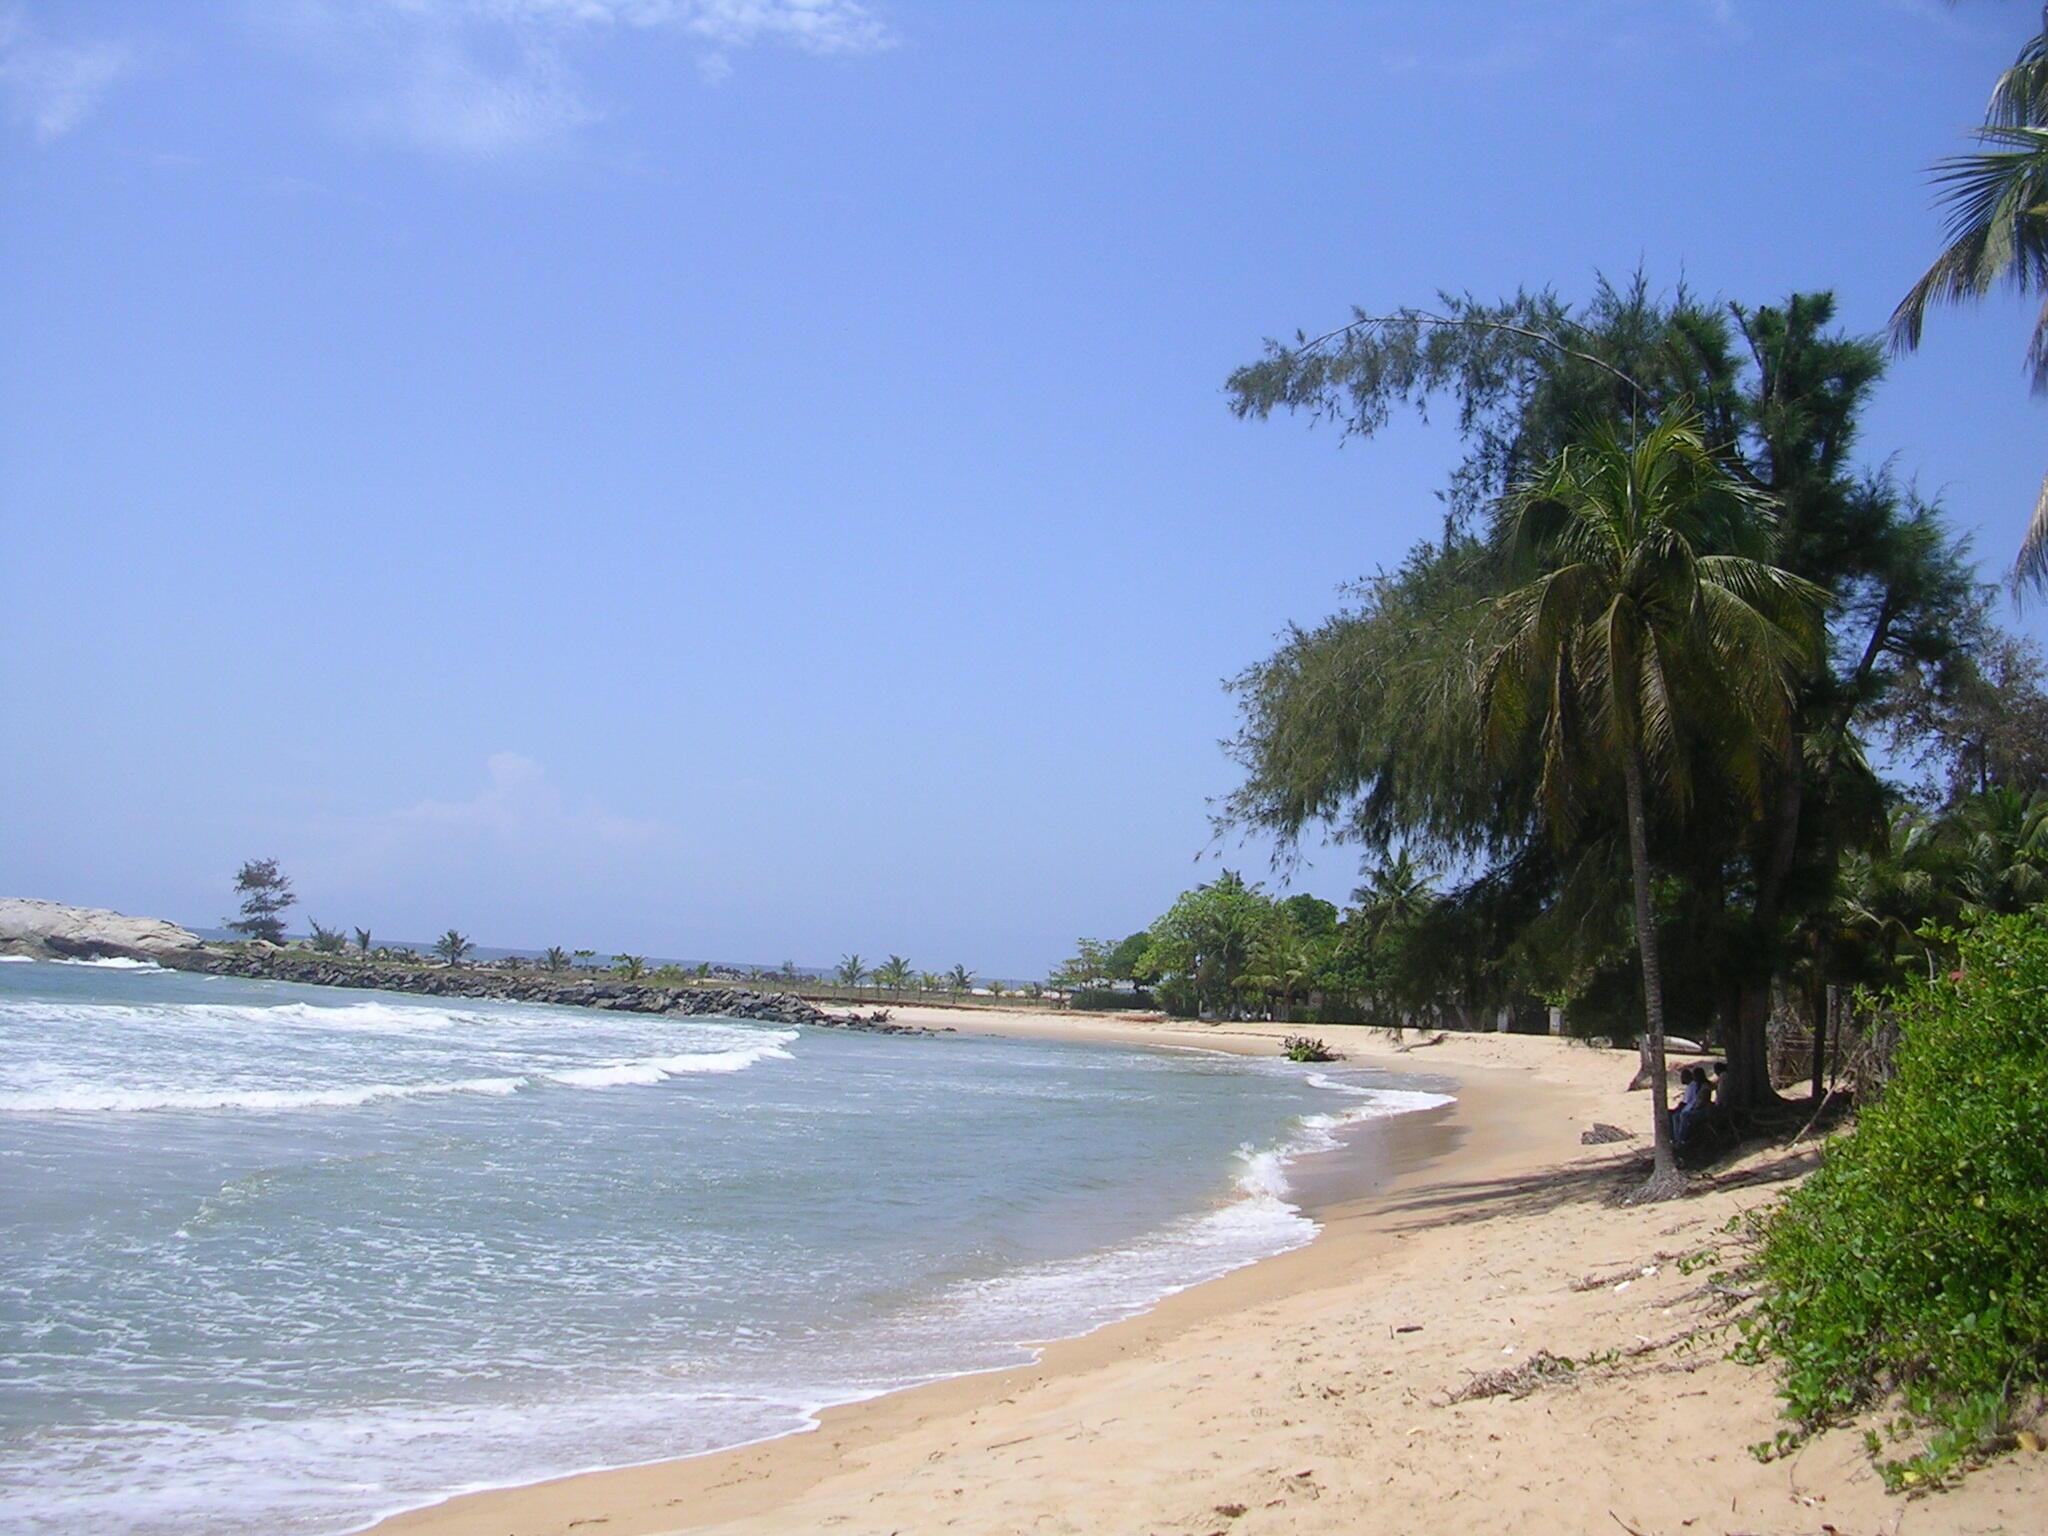 San Pedro - Plage - Côte d'Ivoire